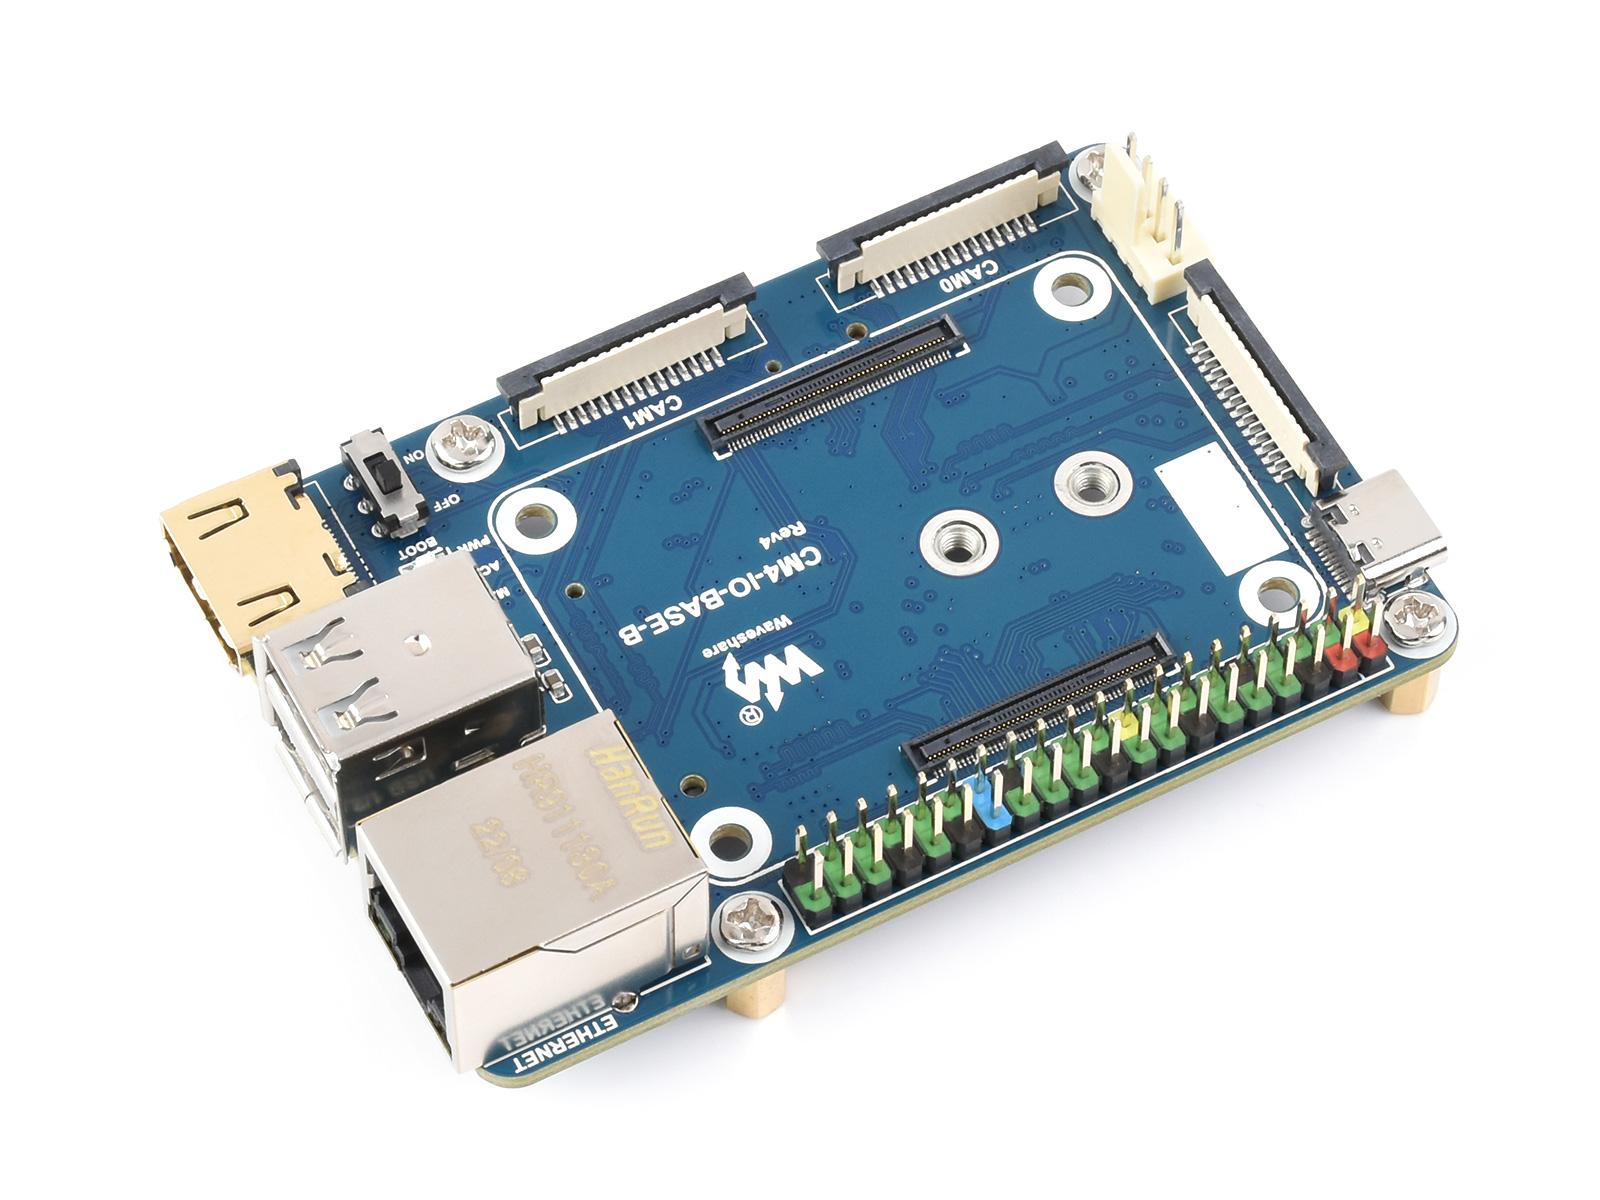 树莓派迷你Compute Module 4基础扩展板 计算模块核心板底板